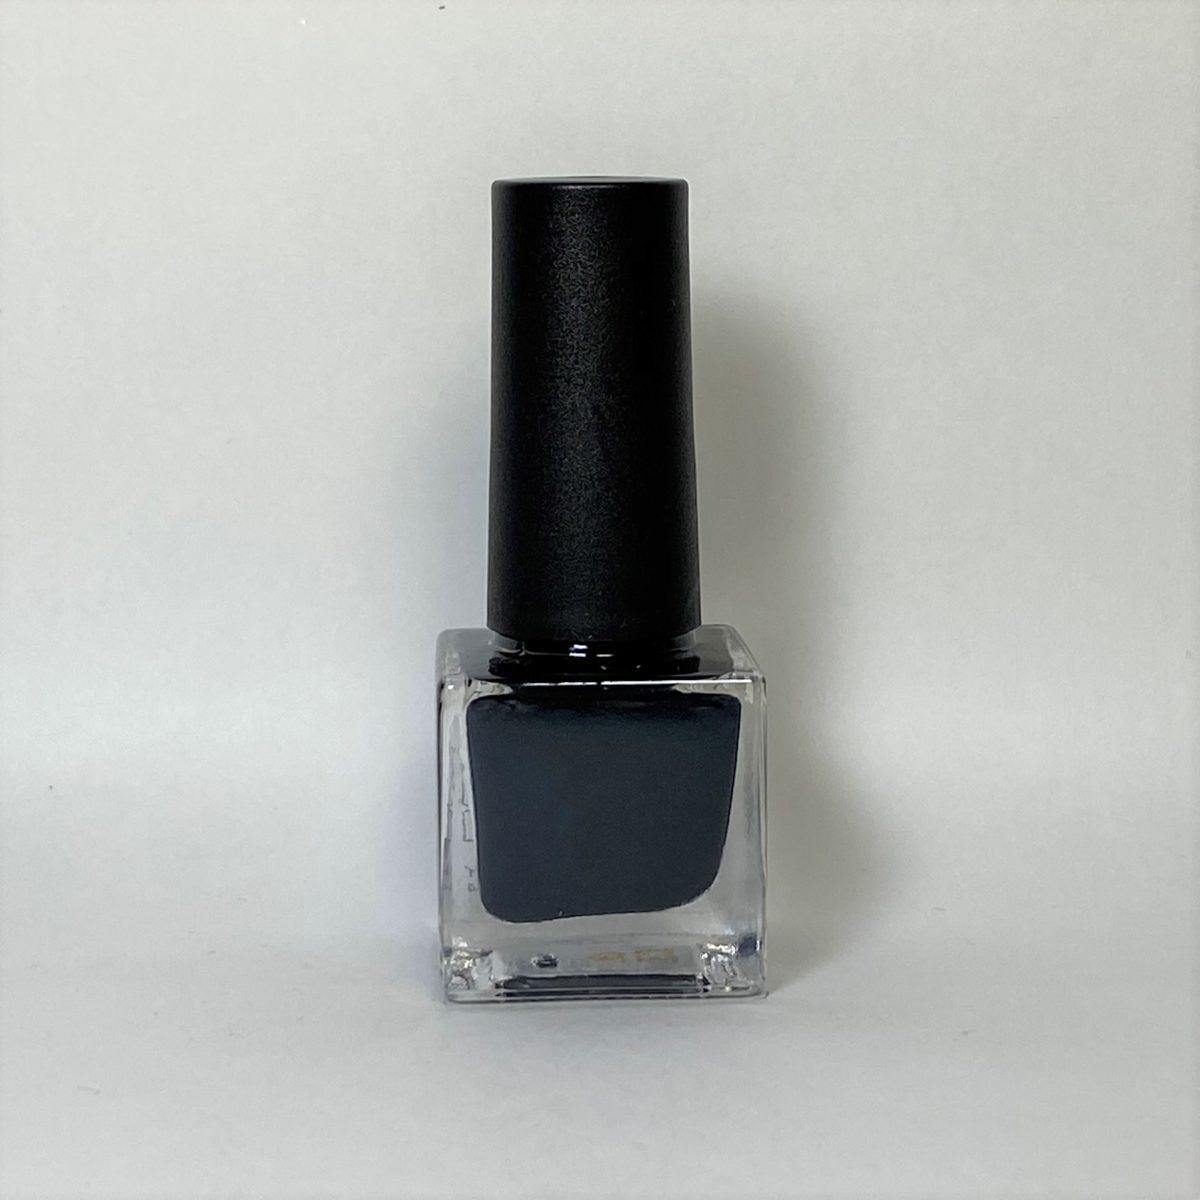 ネイルポリッシュ C03 Black